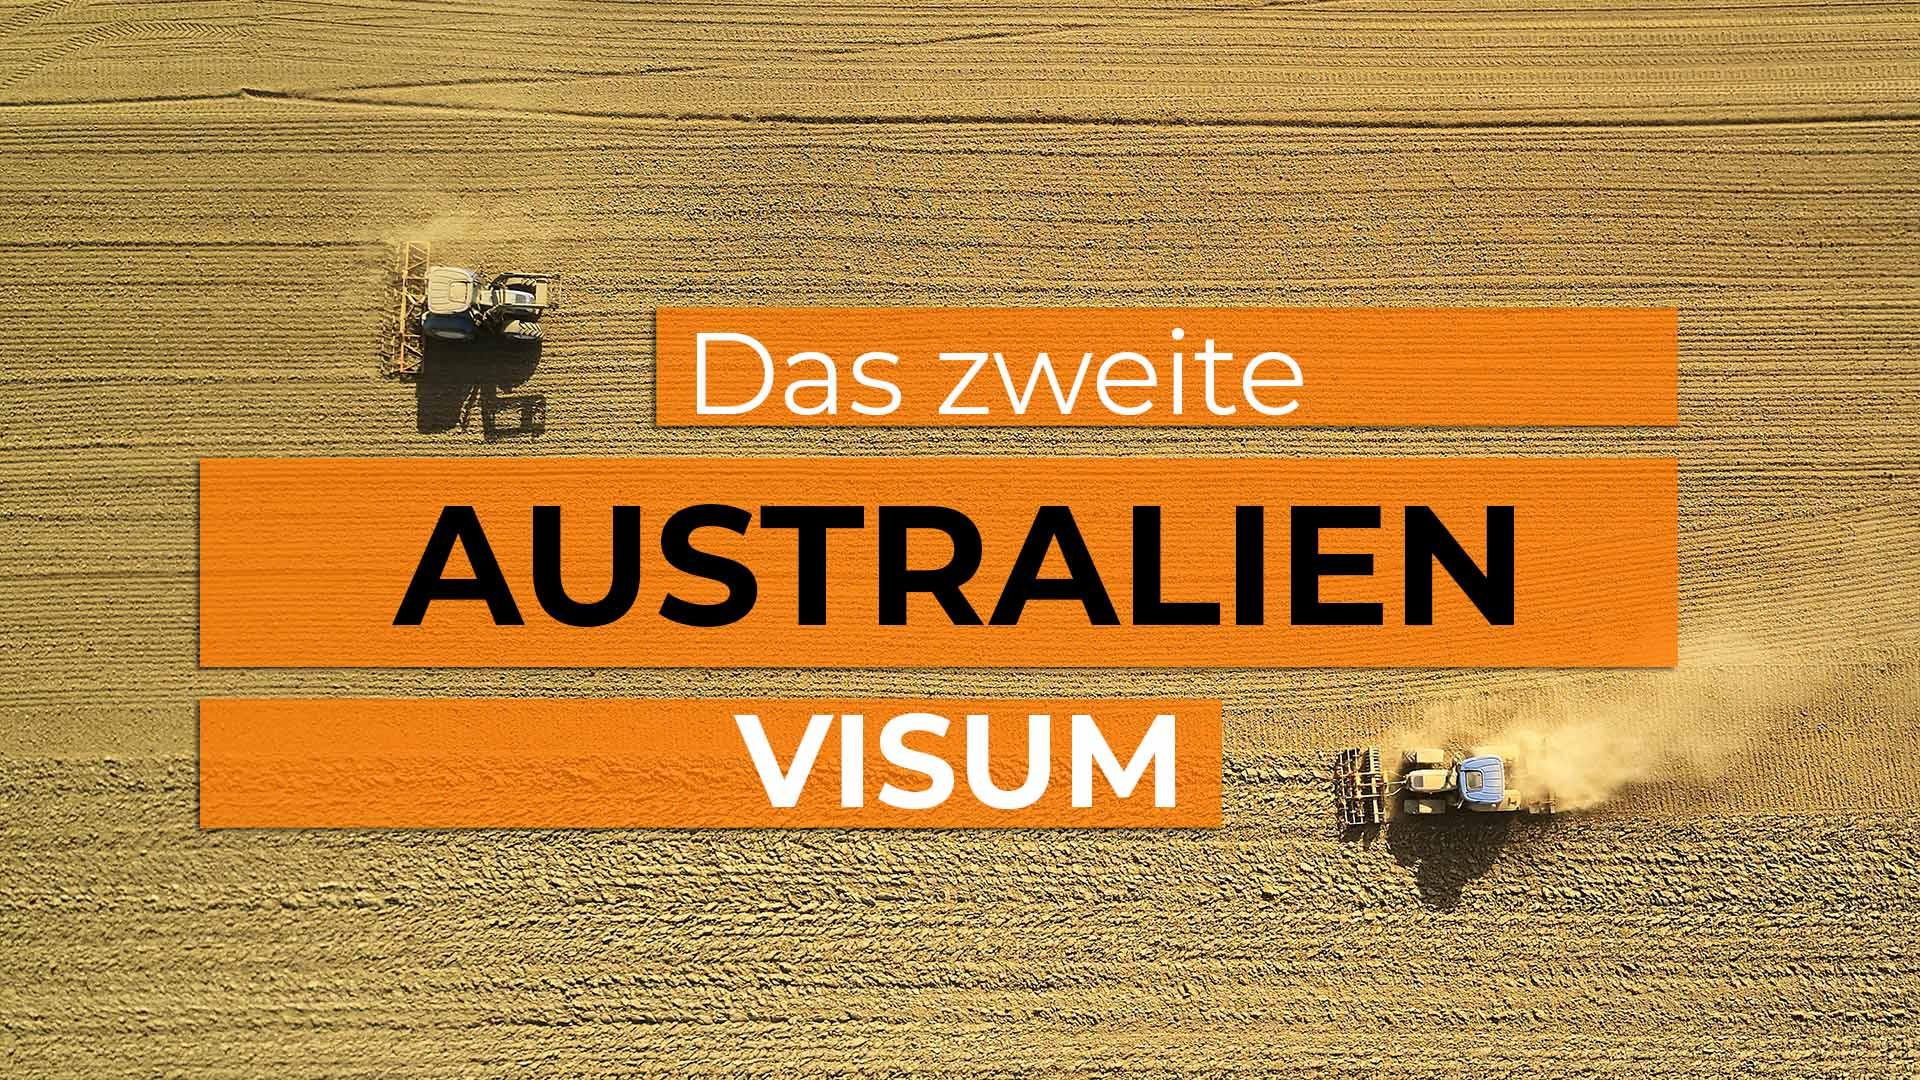 Das Zweite Work and Travel Visum Australien